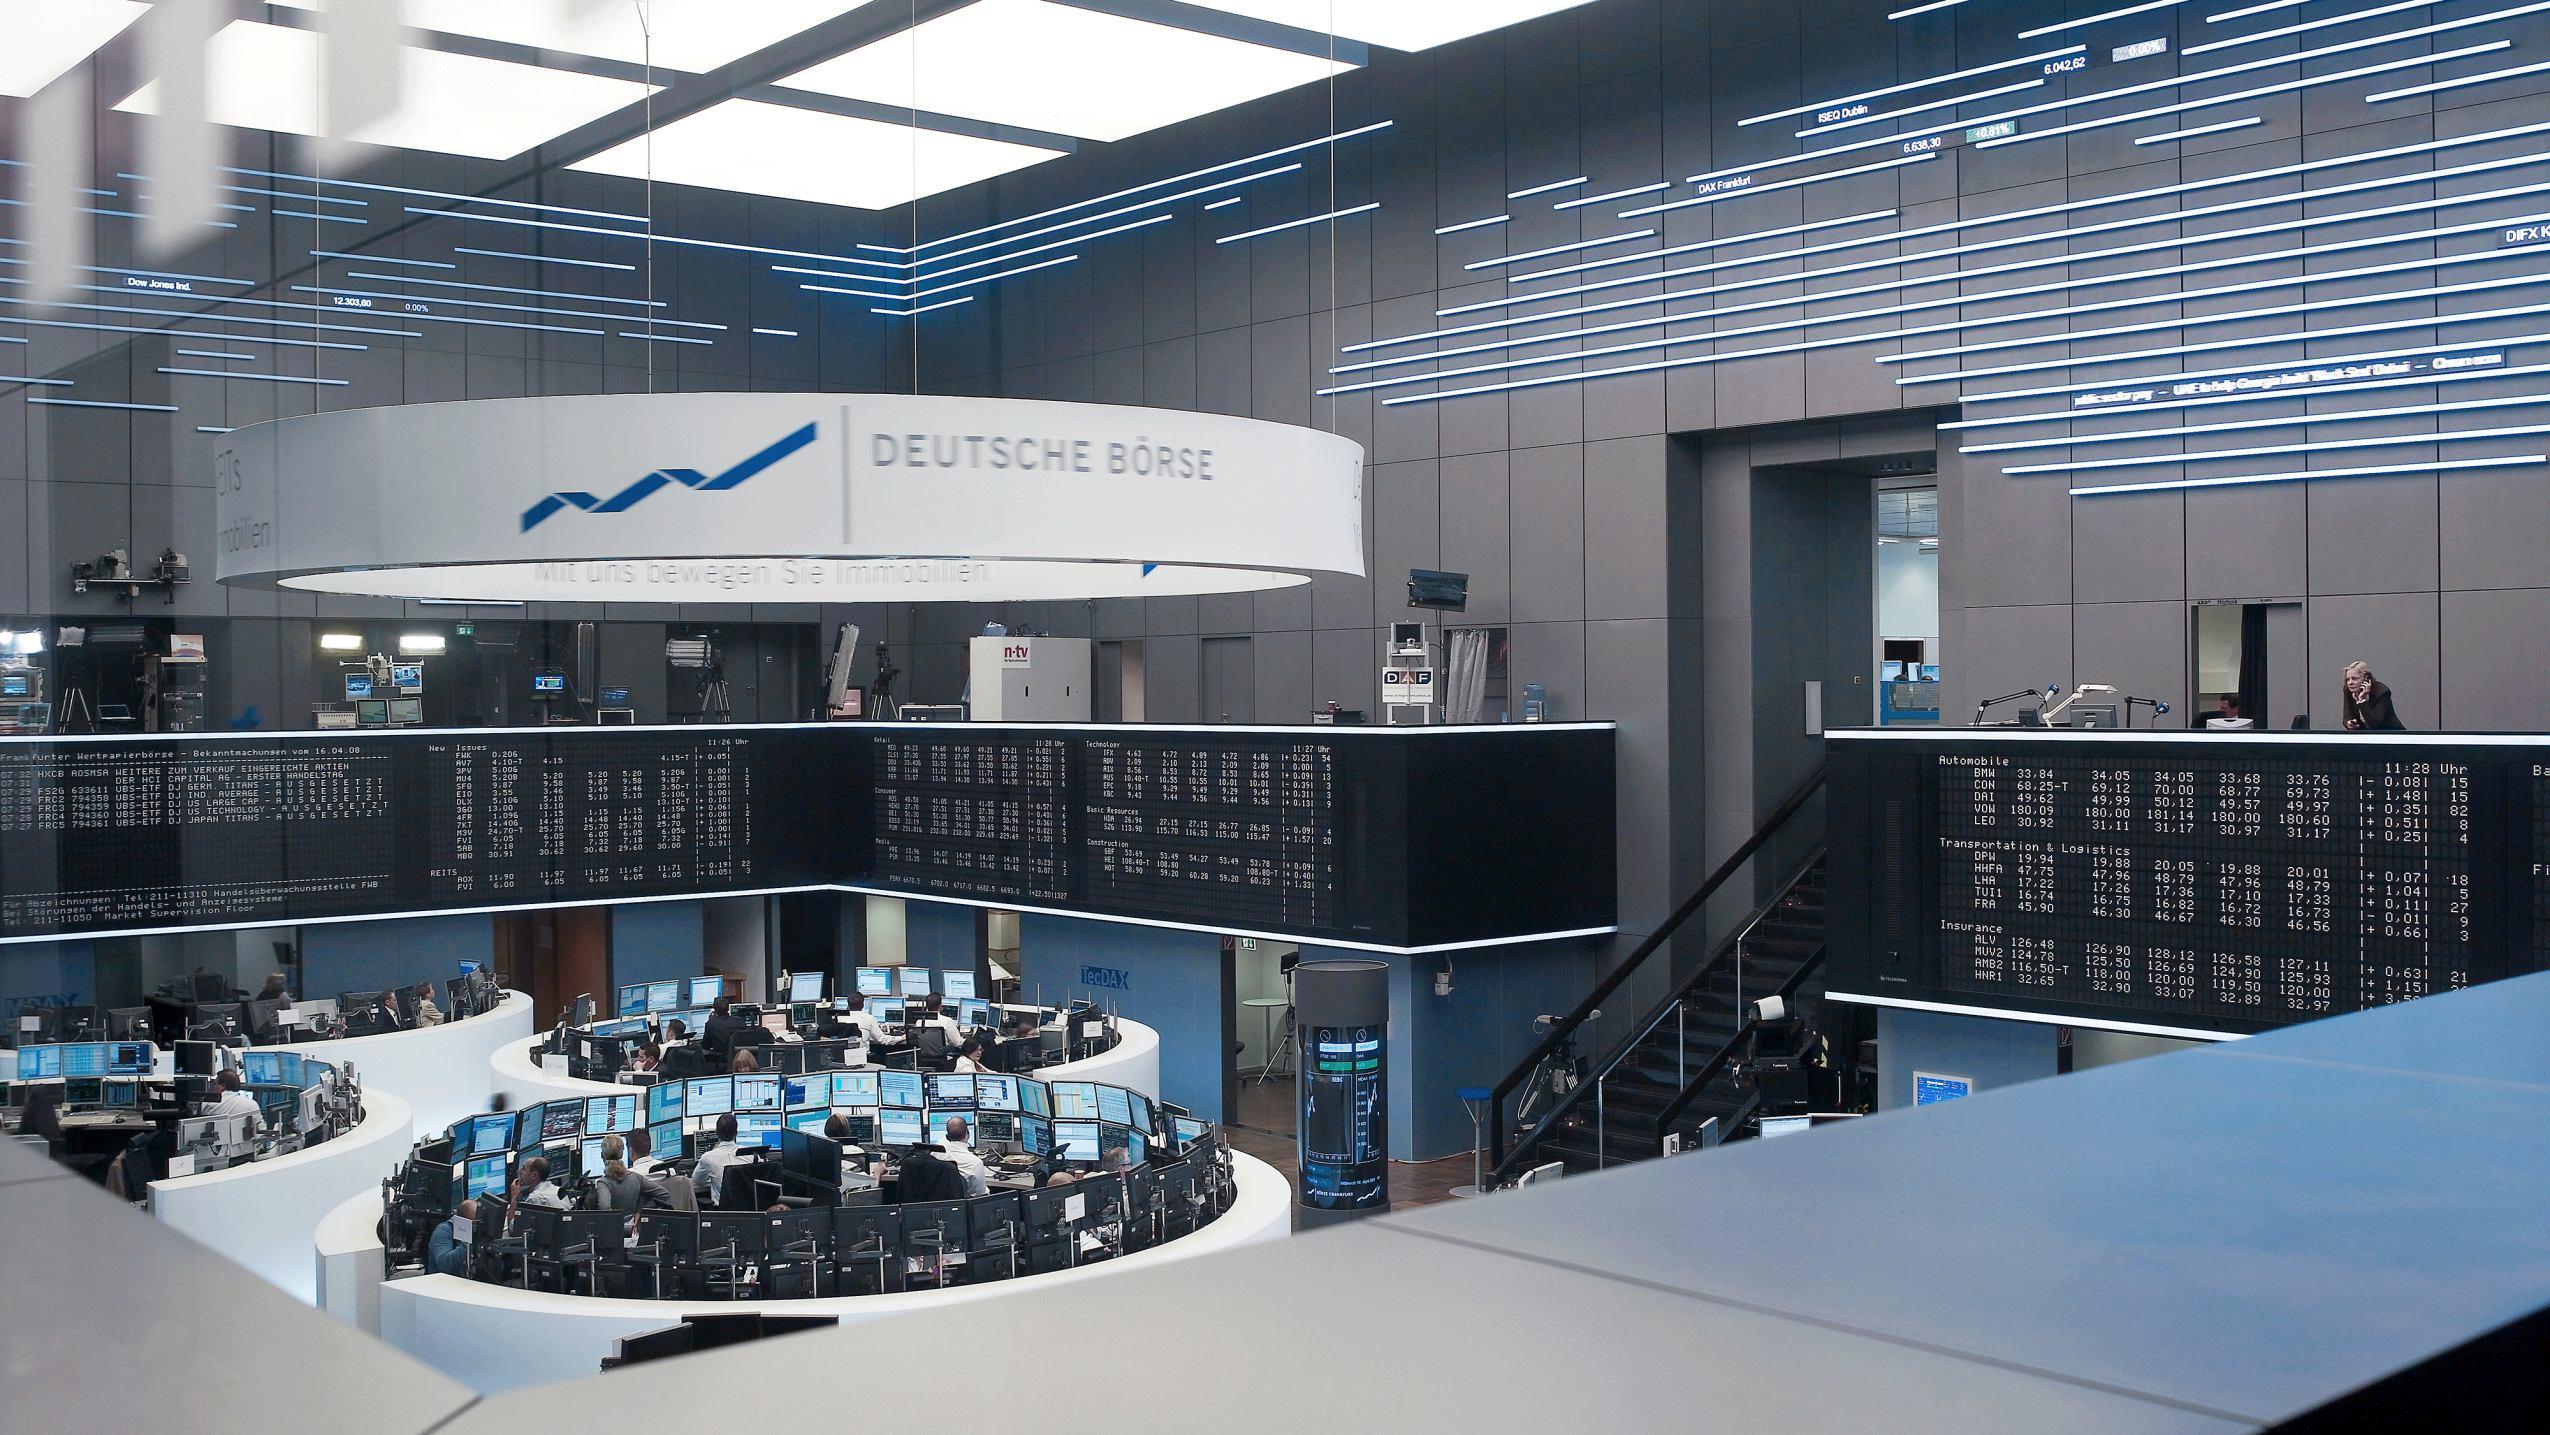 Almanya Borsa Operatörü, Kripto Şirketinin Çoğunluğunu Satın Aldı